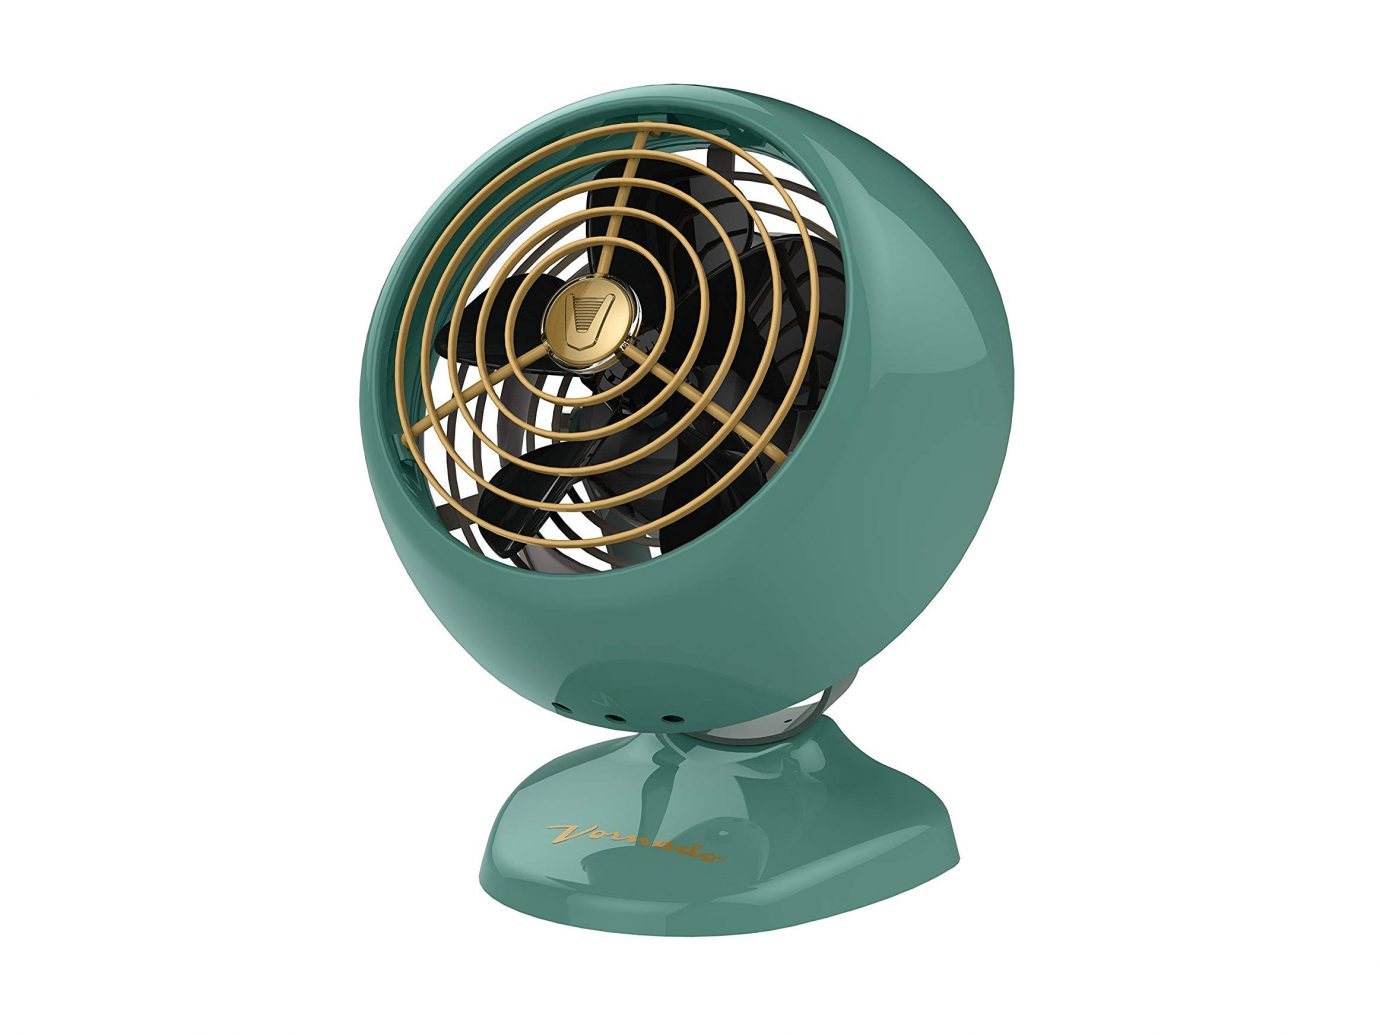 Vornado VFAN Vintage Personal Fan